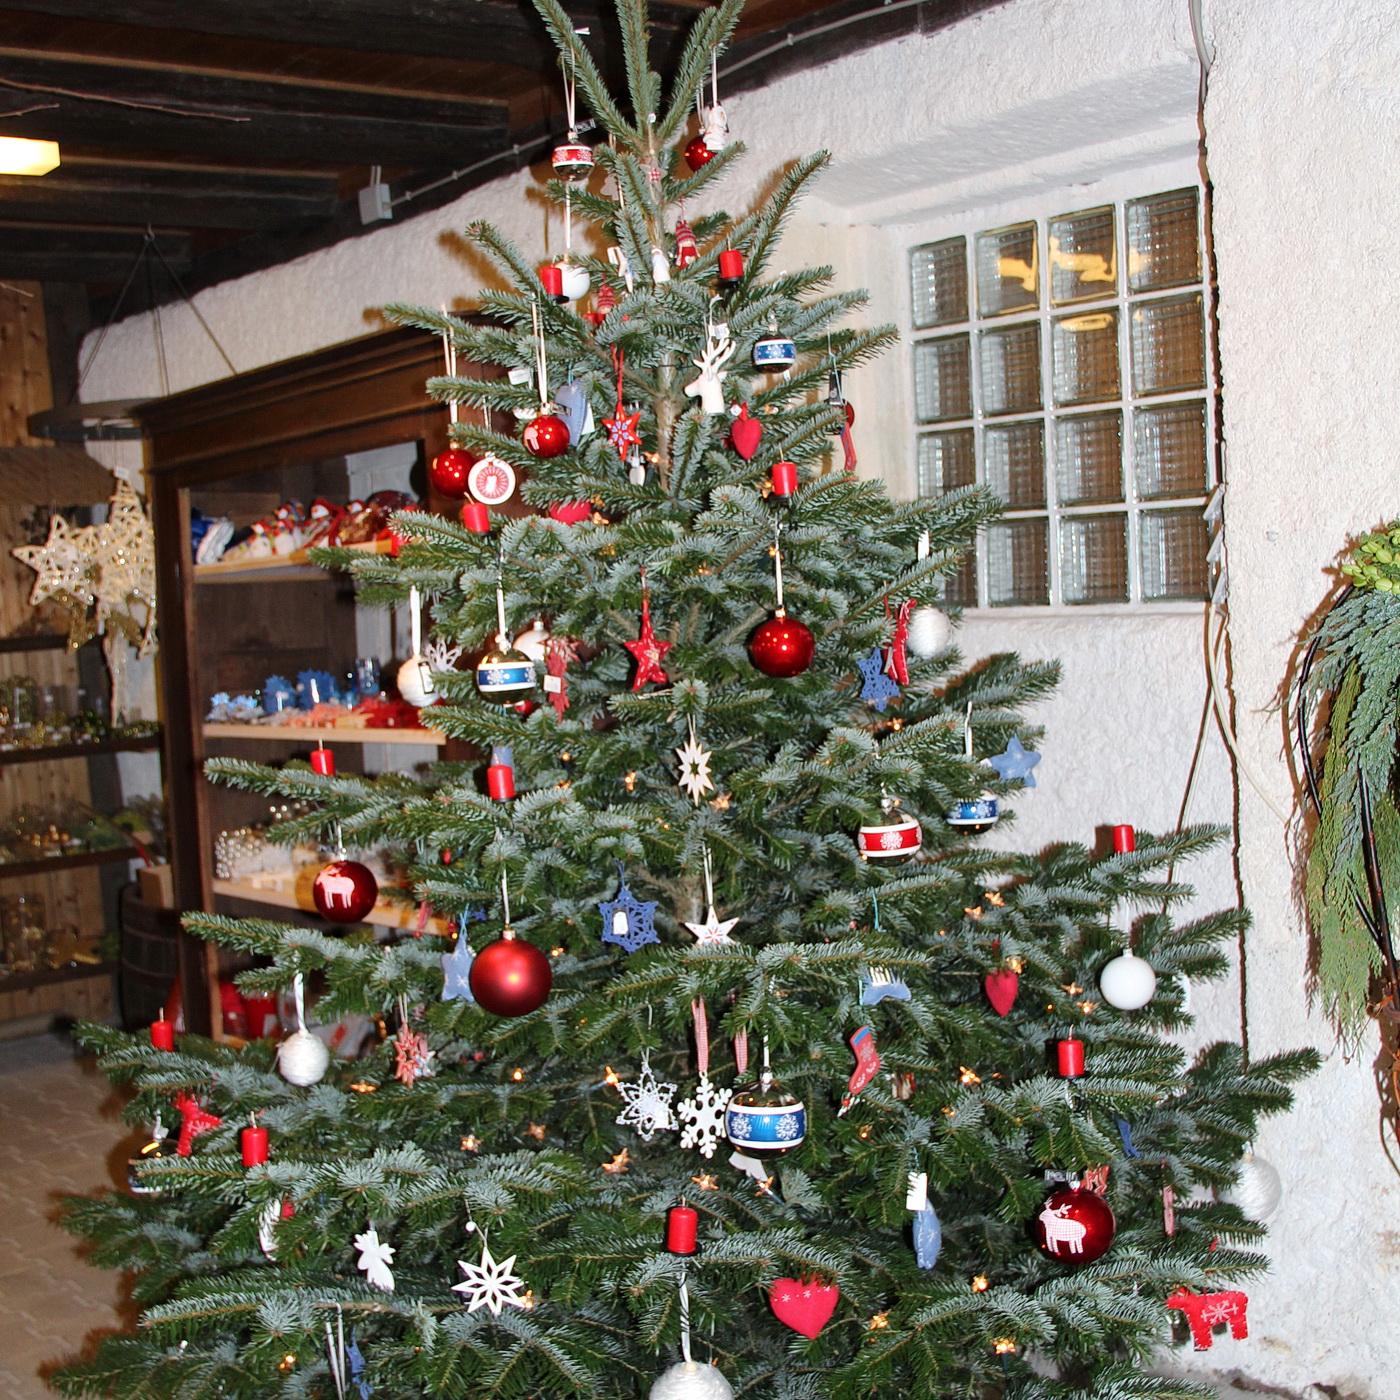 Der Weihnachtsbaum - früher - heute!